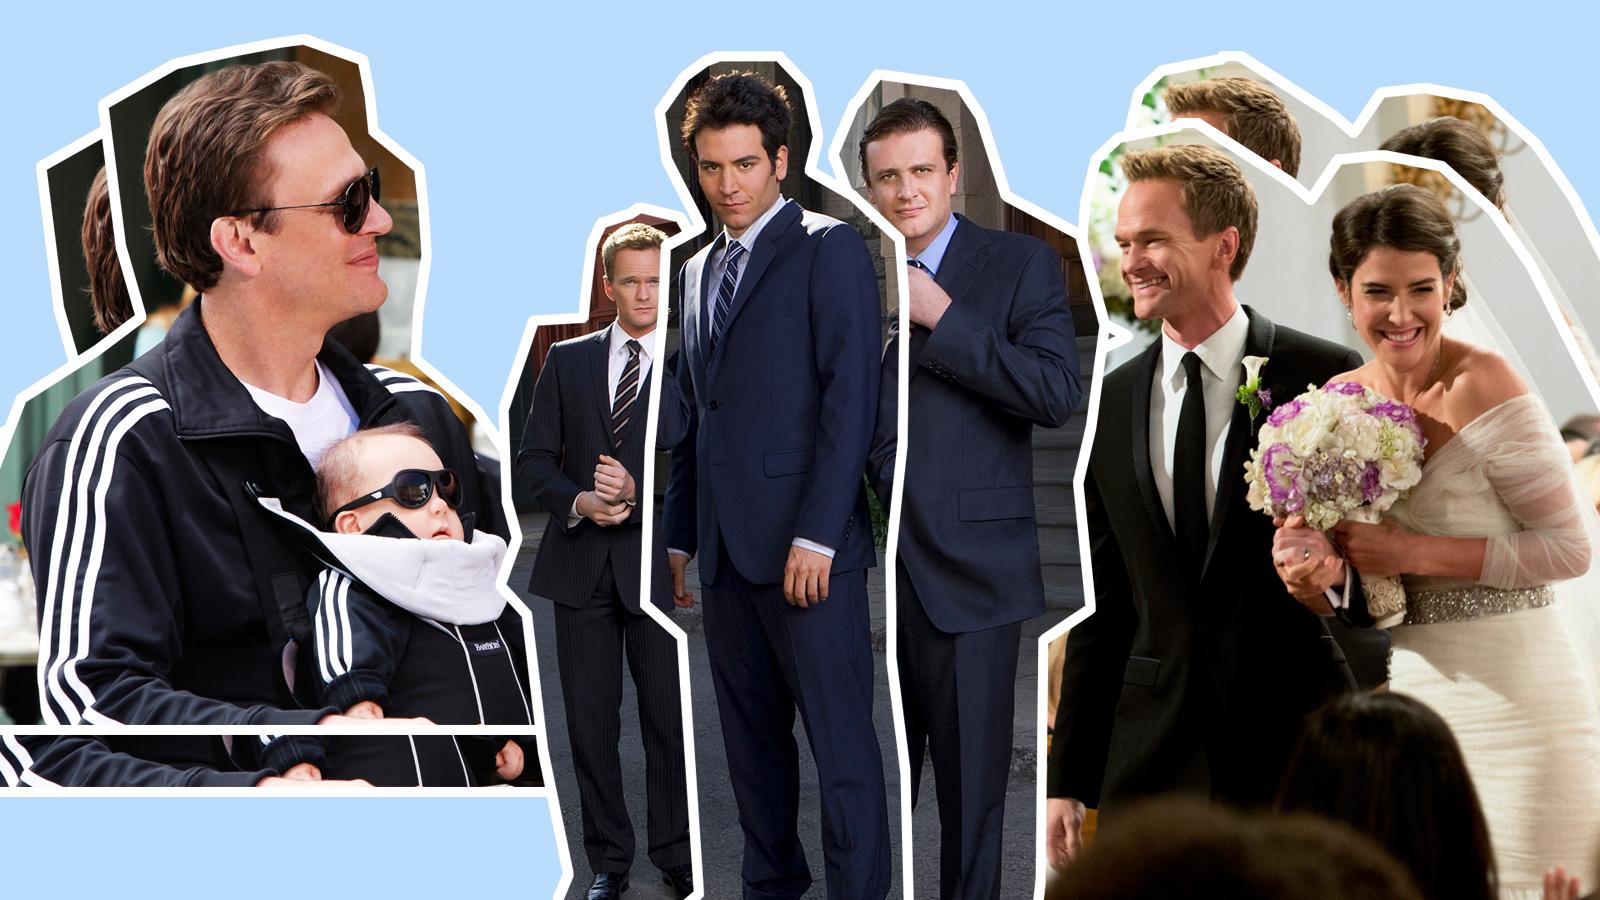 Unser Beziehungs-Check: Sind Männer mit 30+ liebesfähiger als ein Jahrzehnt zuvor?